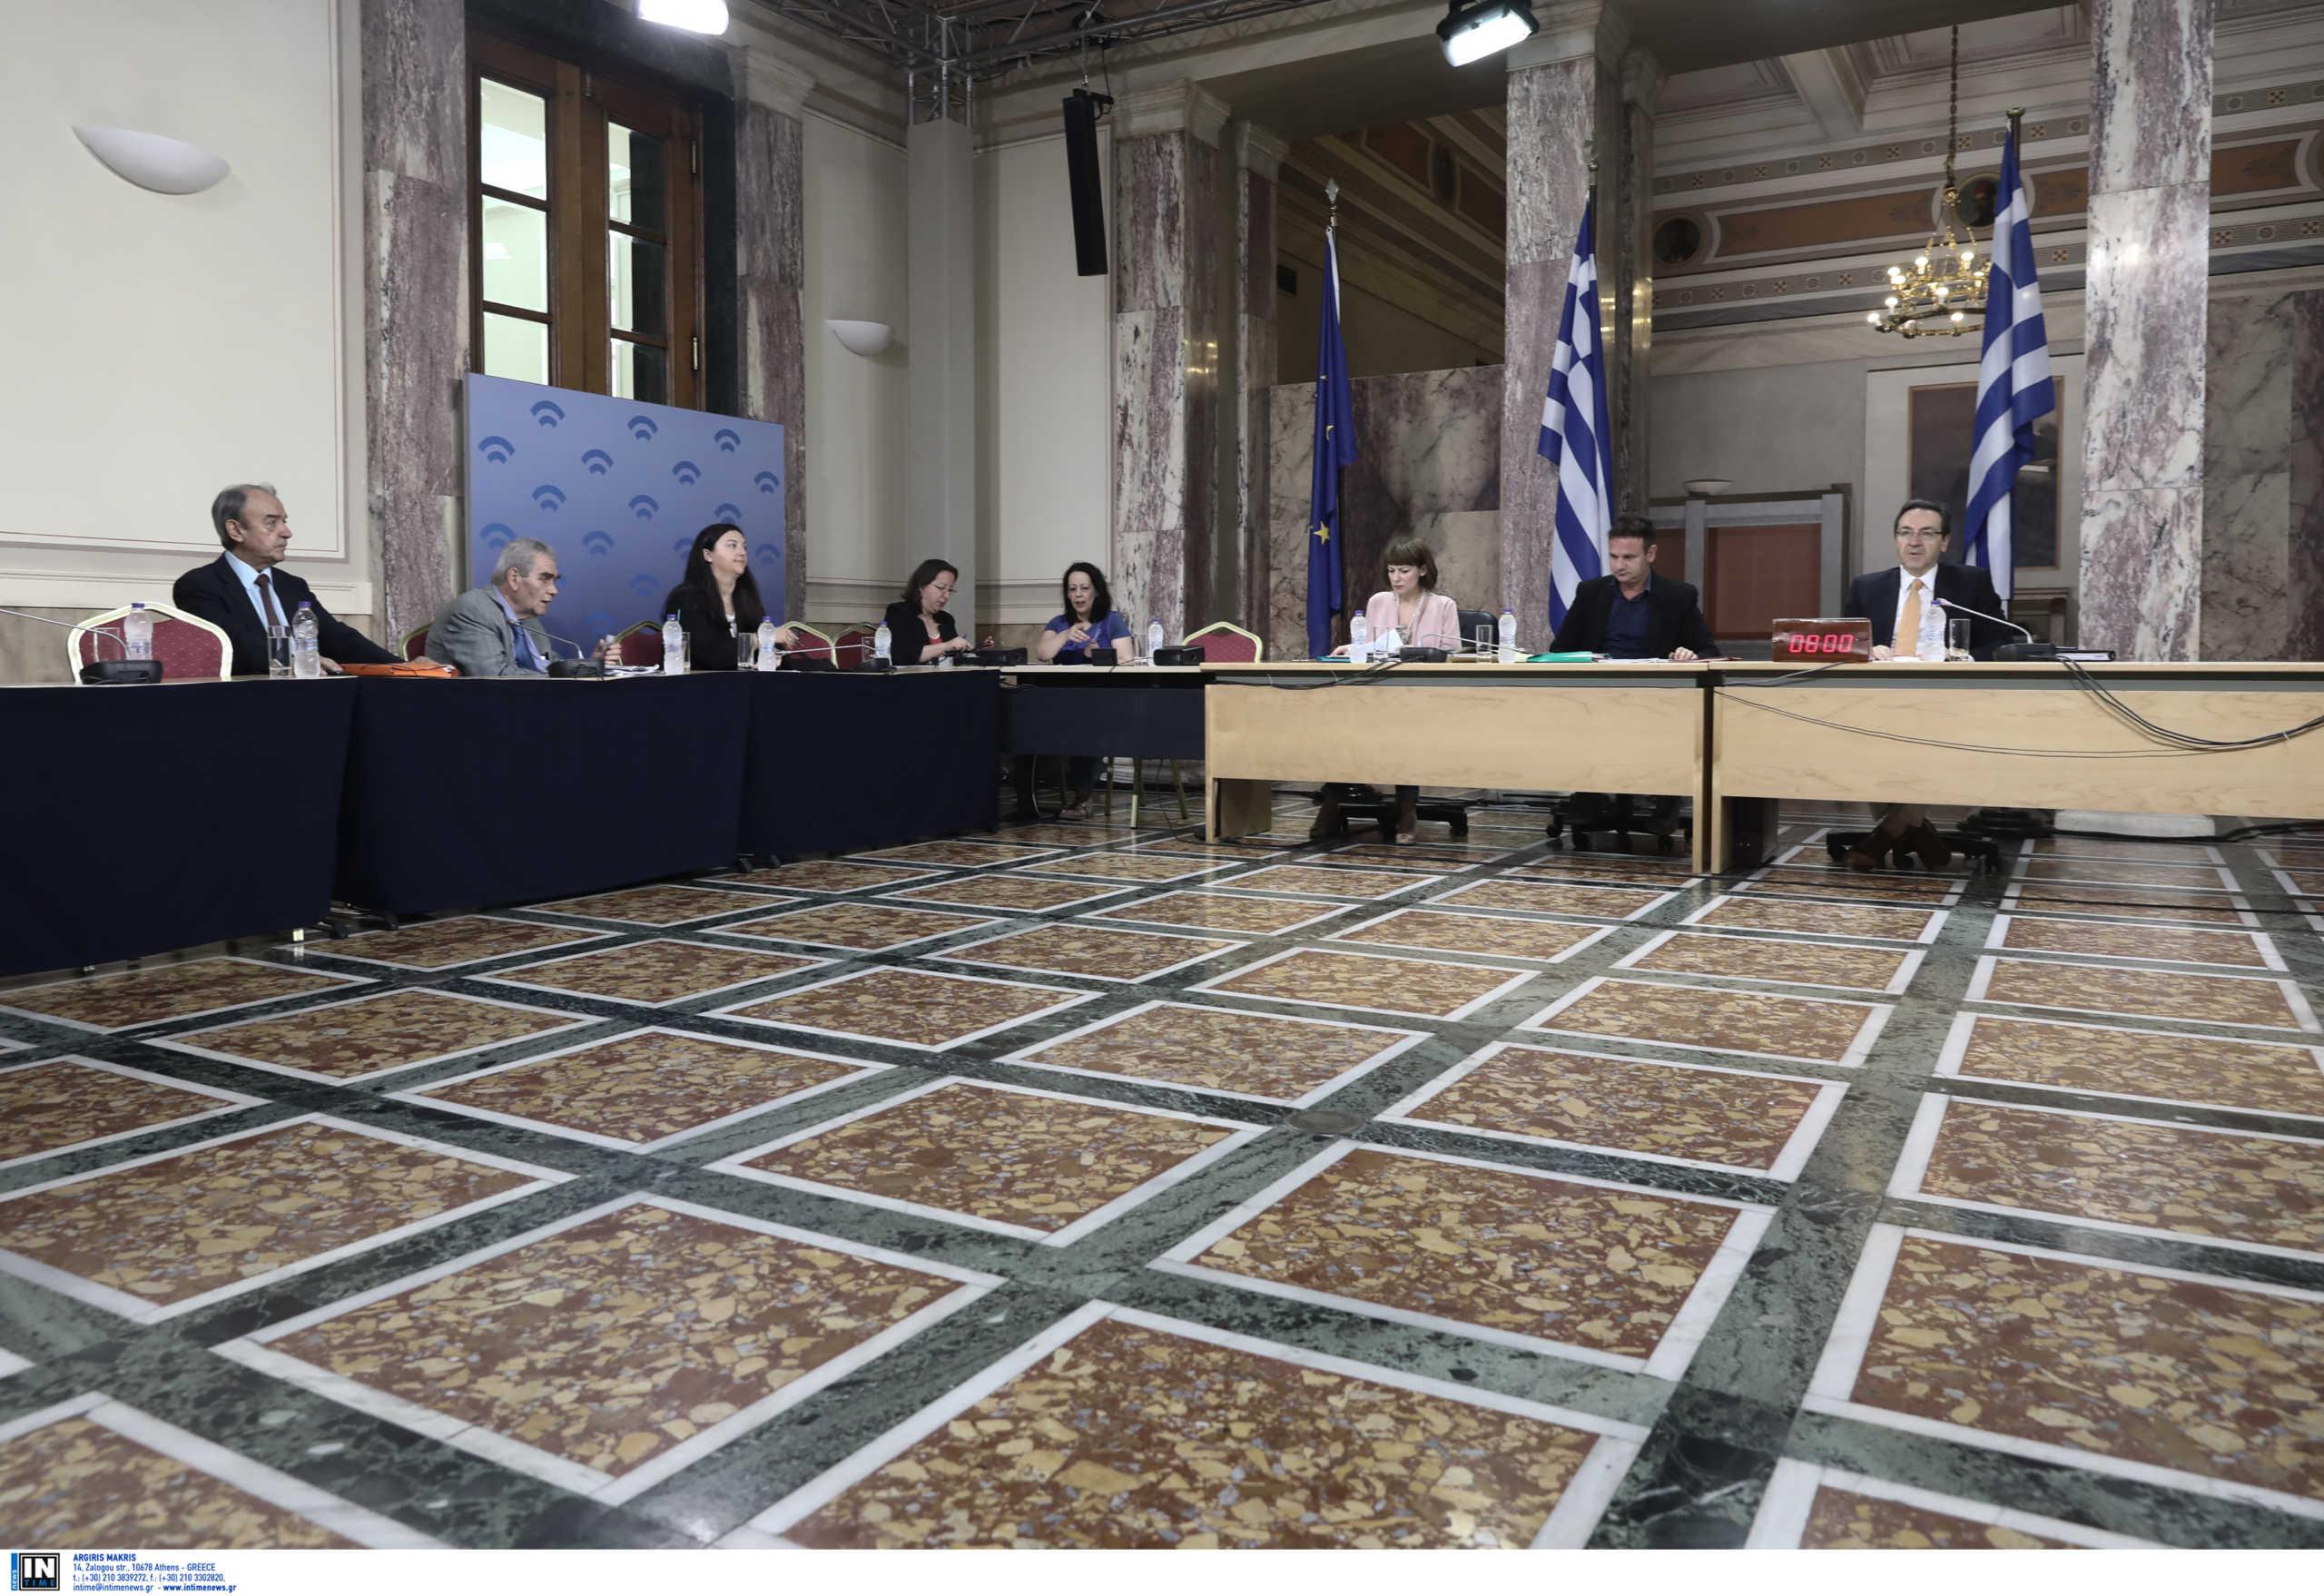 Να συγκληθεί ξανά η Προανακριτική ζητεί ο ΣΥΡΙΖΑ